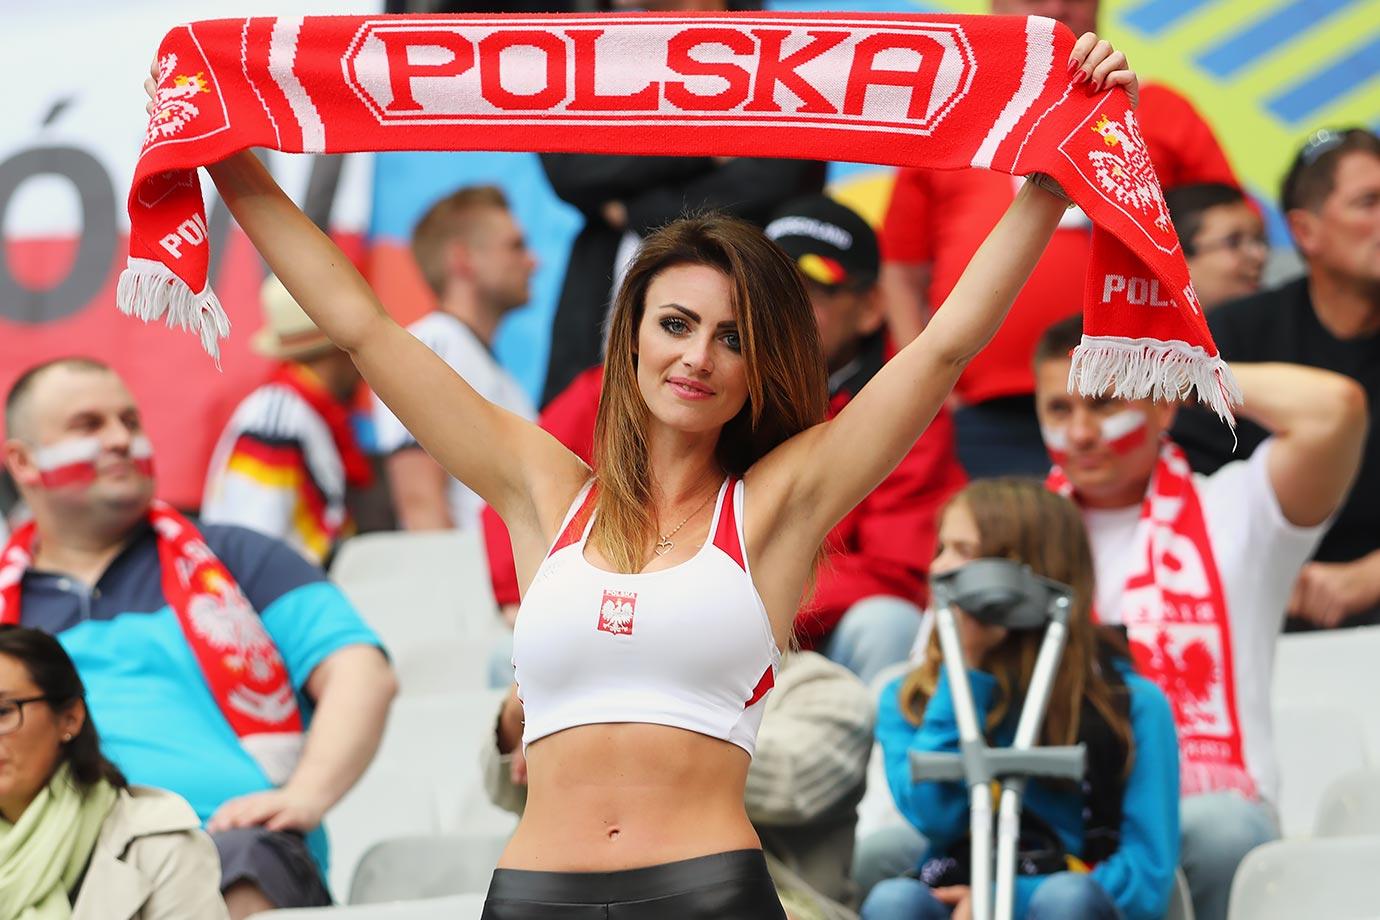 Ekstraklasa Polonia 7 aprile: si giocano 2 gare della 29 esima giornata del campionato polacco. Lechia in testa a quota 57 punti.